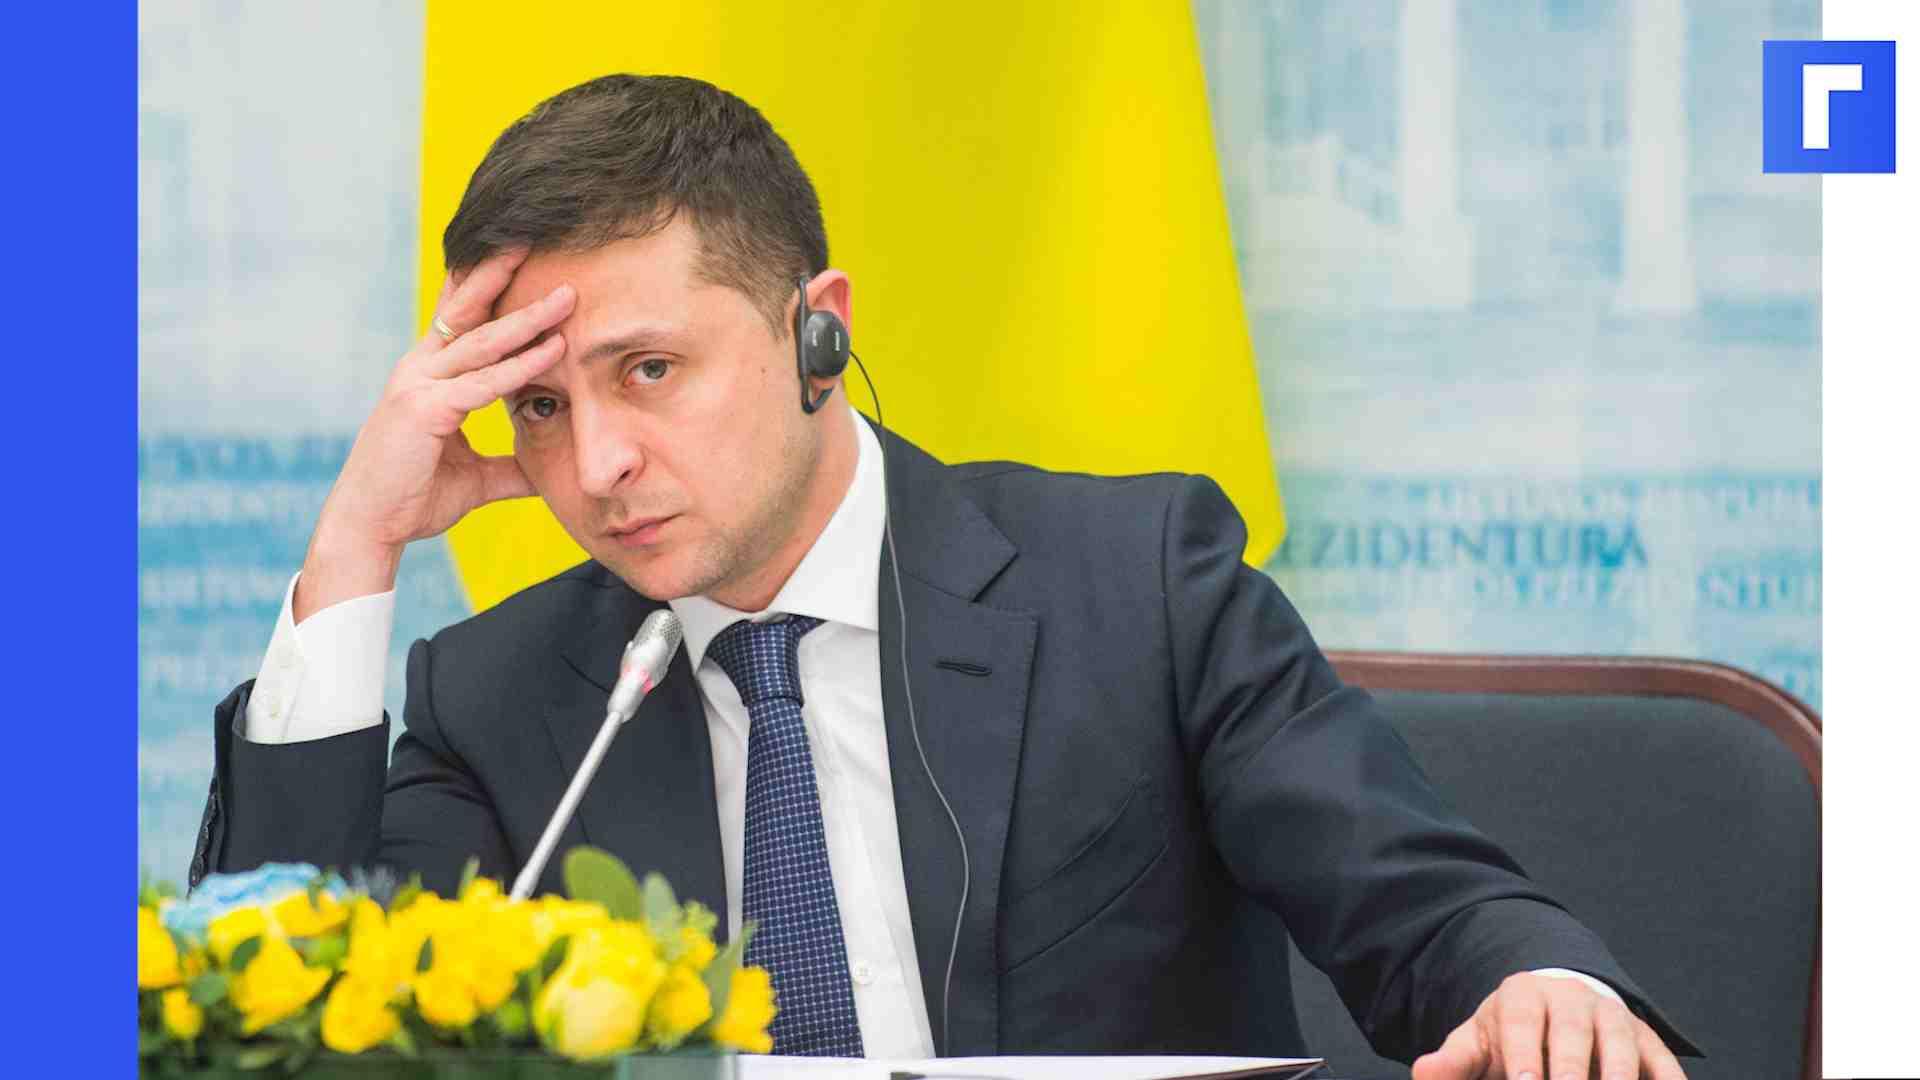 Путин може смело да настъпва, Зеленски ще бъде принуден да подпише капитулация